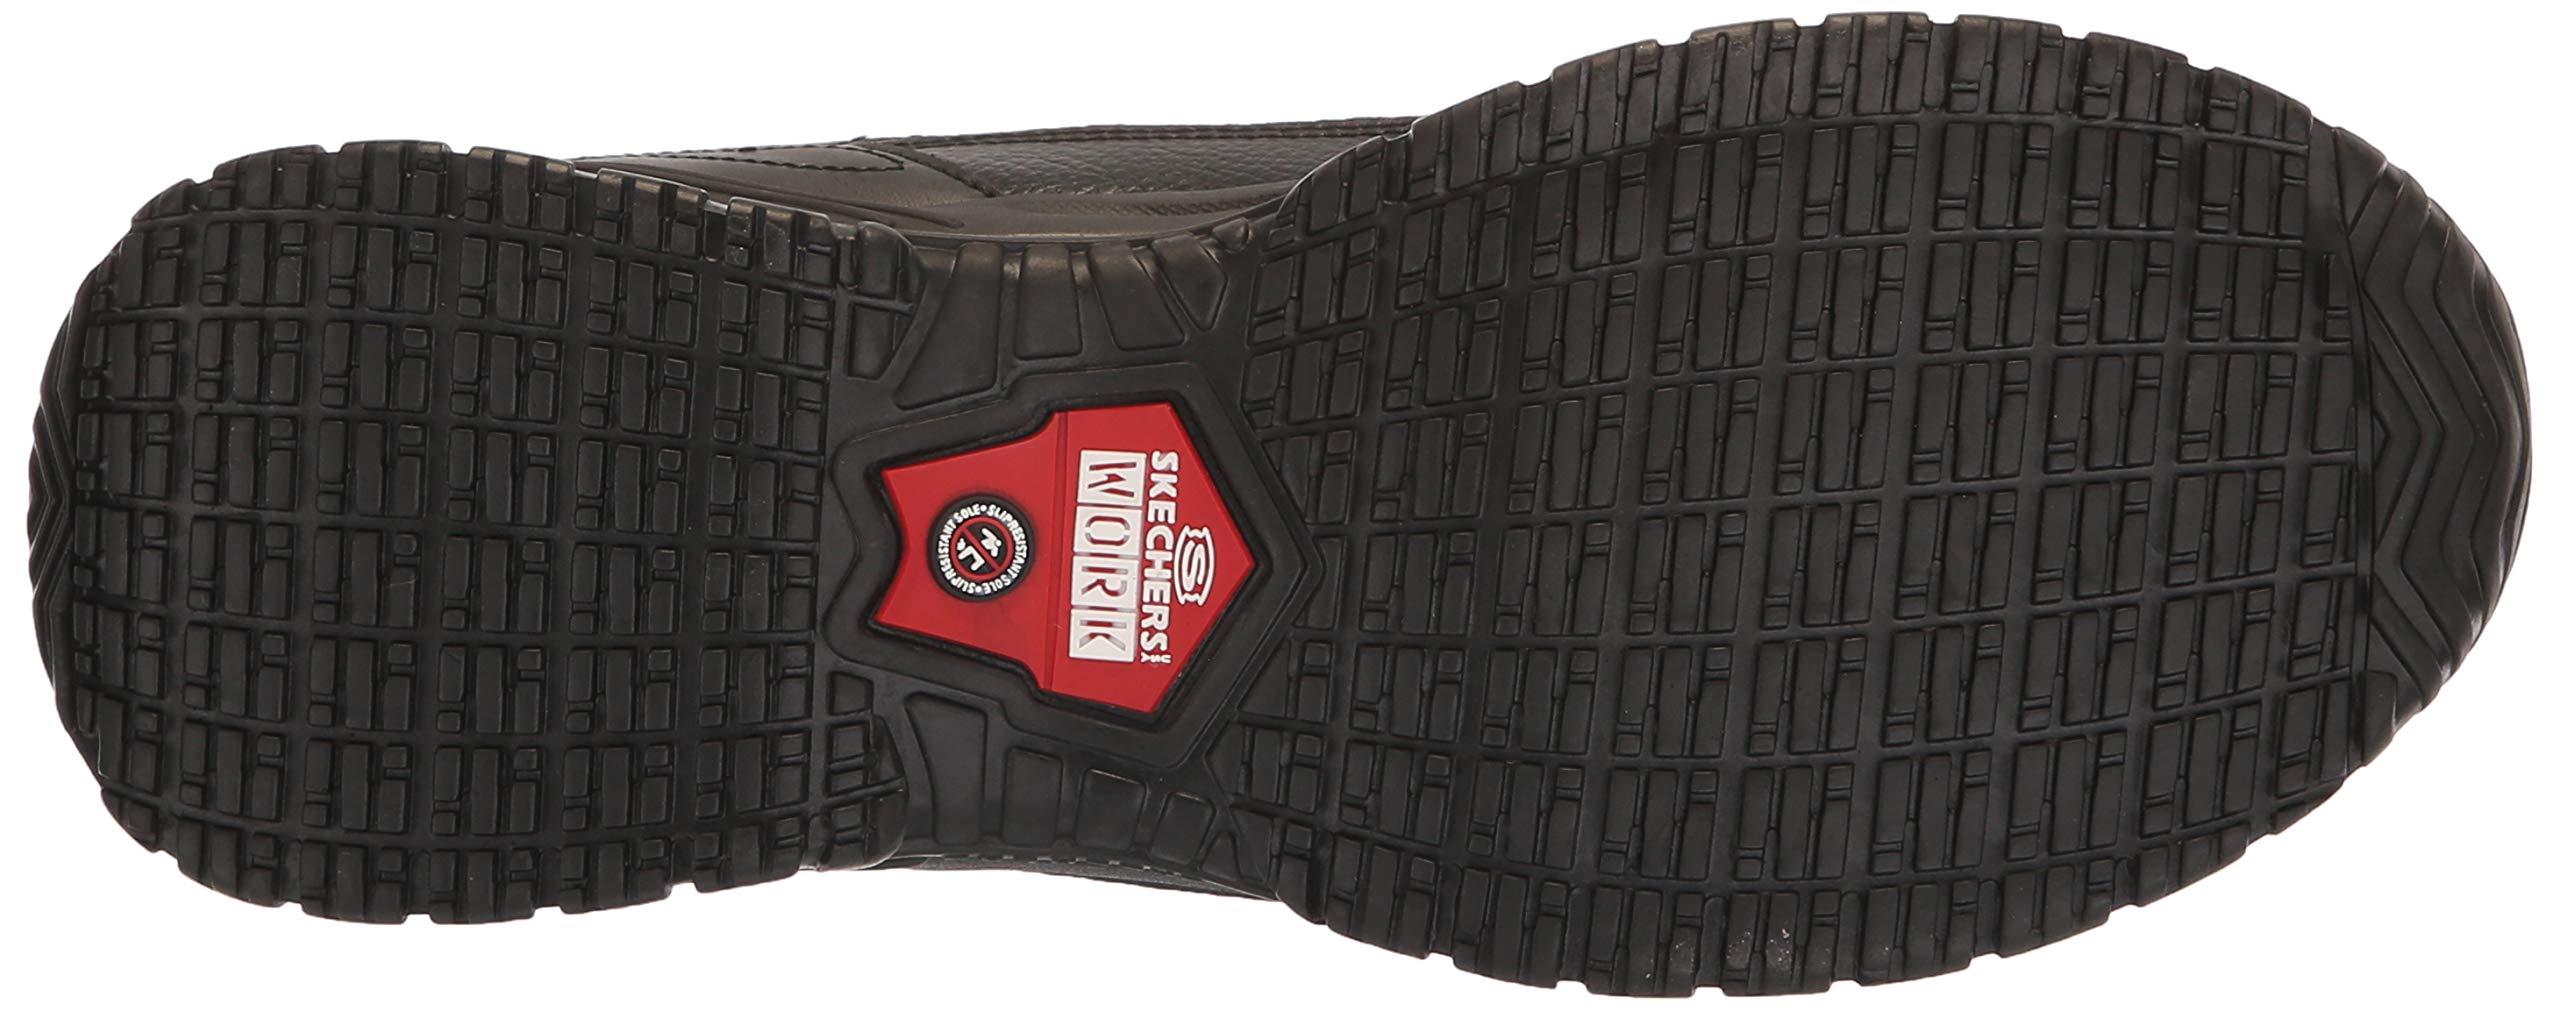 Skechers Men's Soft Stride - Galley Black Smooth Lthr/Midsole 8 EW by Skechers (Image #3)